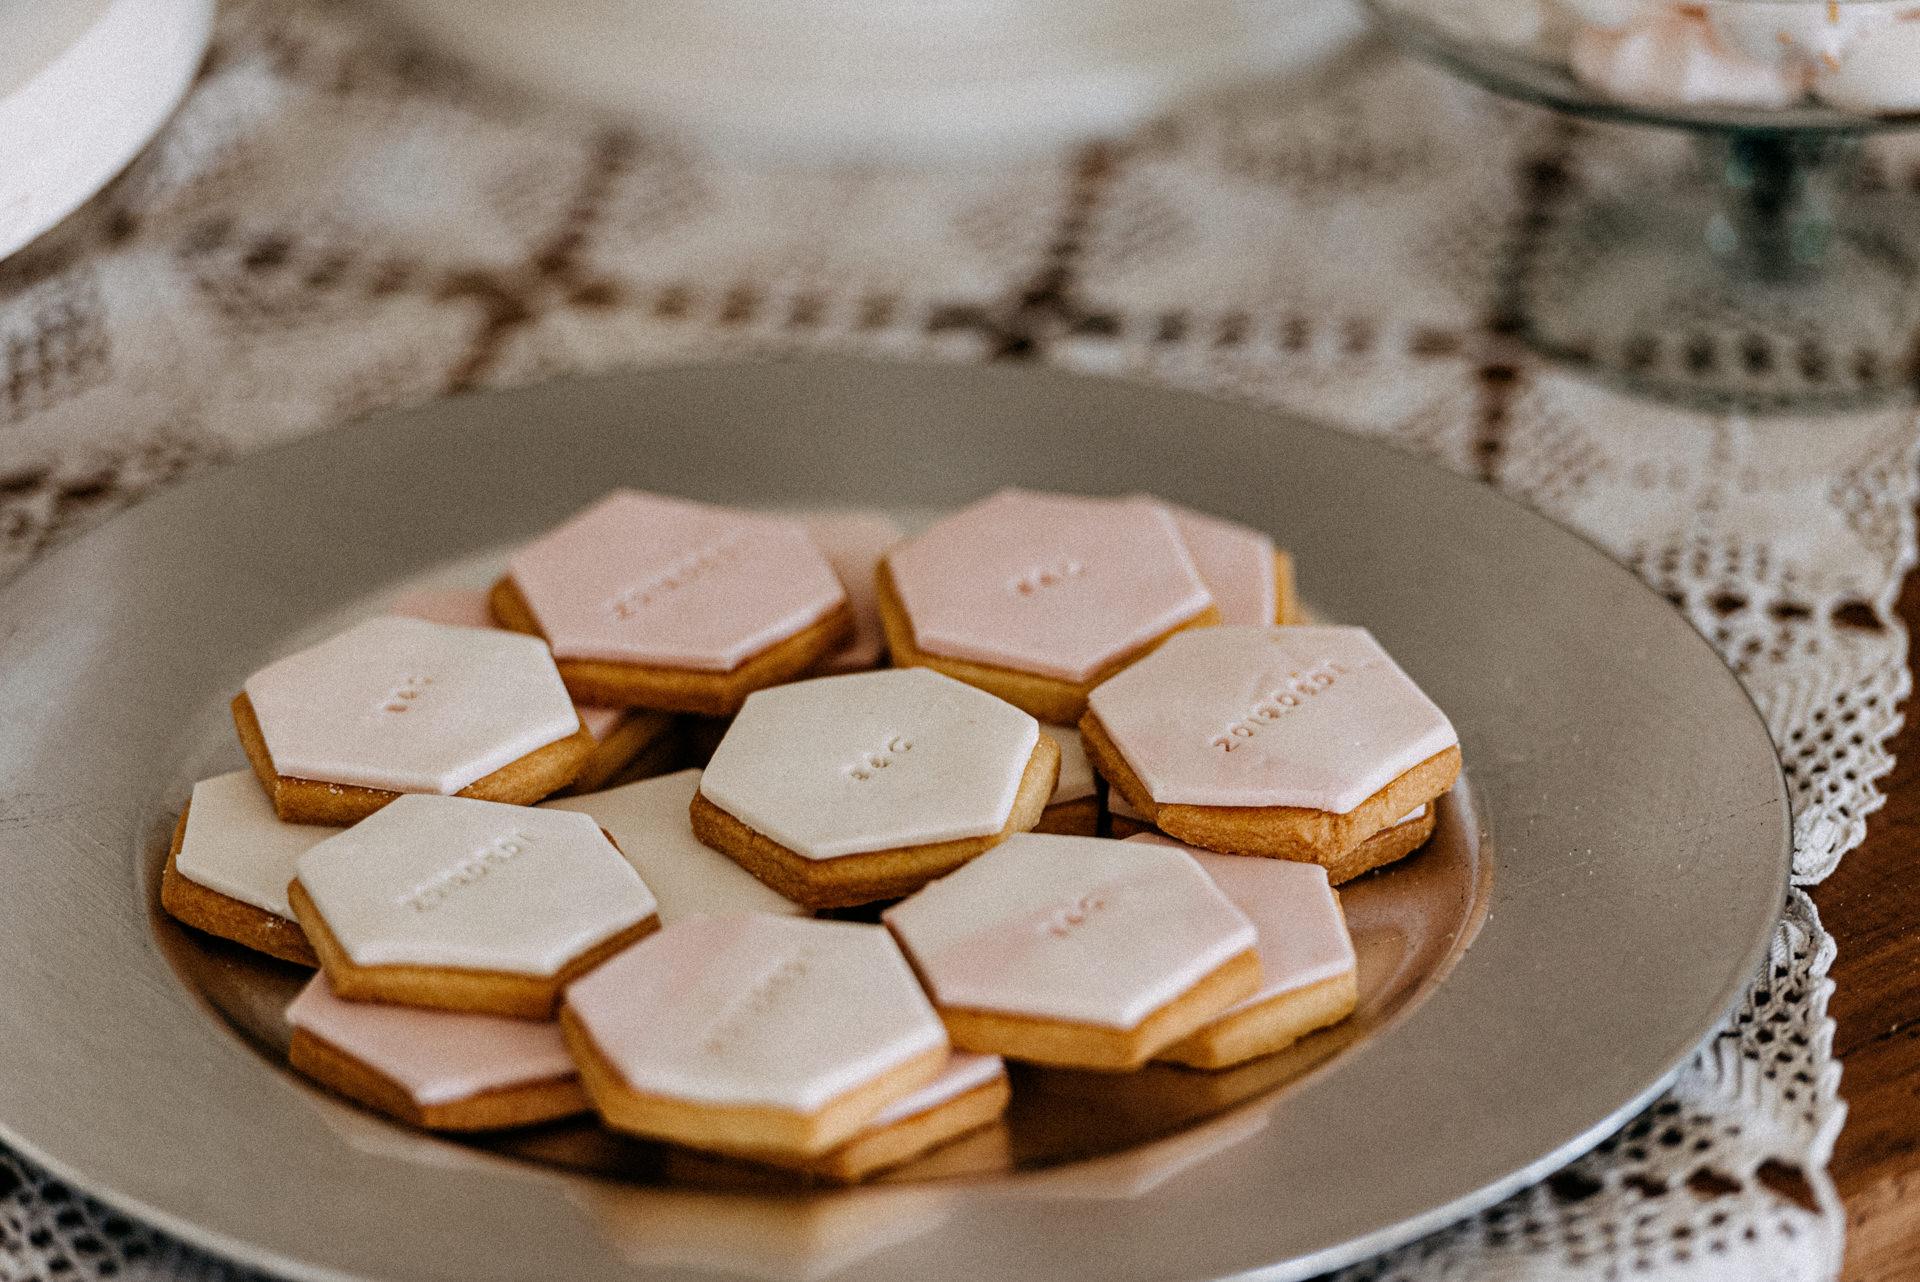 baberliget kuria eskuvo desszert desszartasztal sutemeny